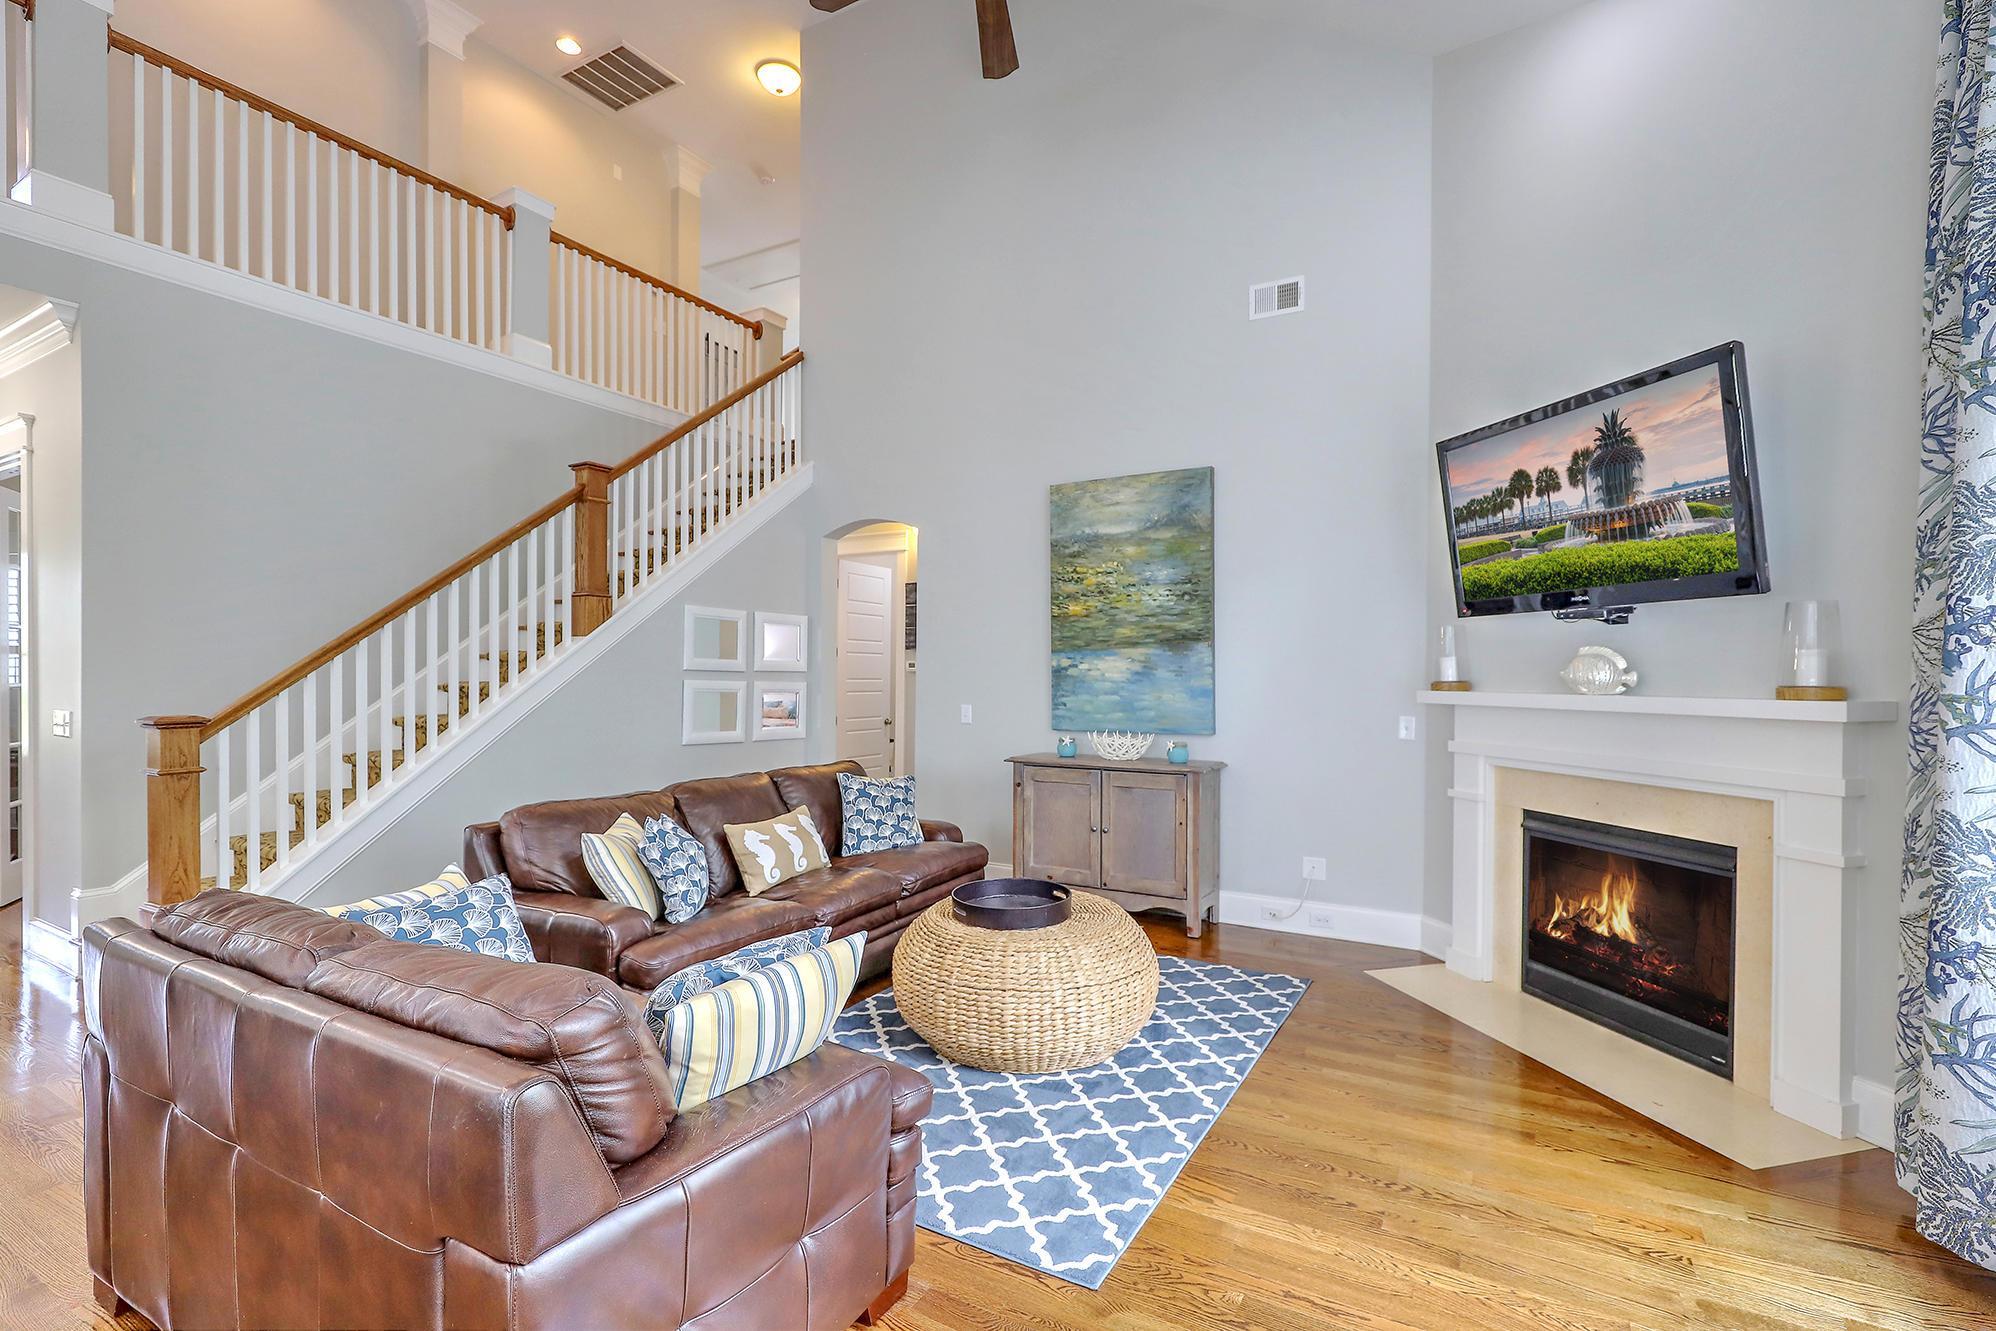 Park West Homes For Sale - 1516 Capel, Mount Pleasant, SC - 25